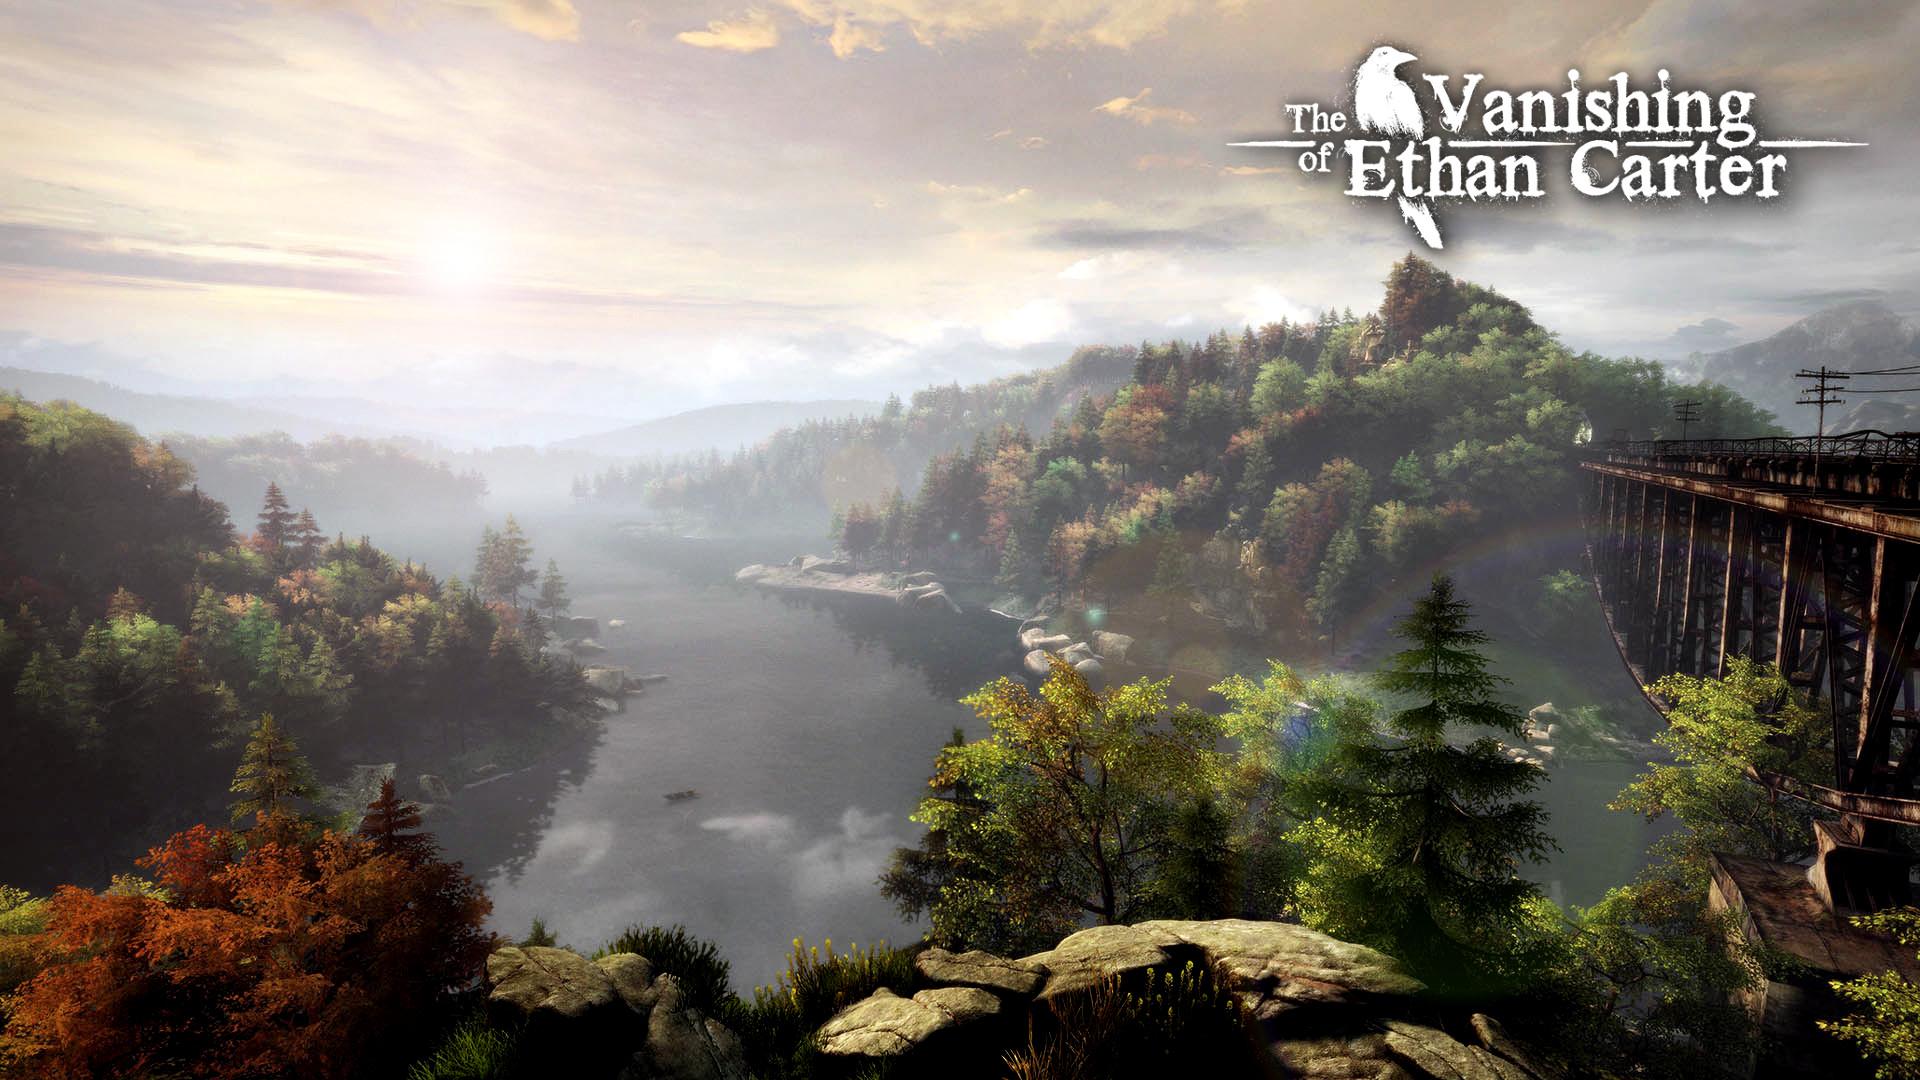 … The Vanishing Of Ethan Carter Wallpaper by MrSchlendermann